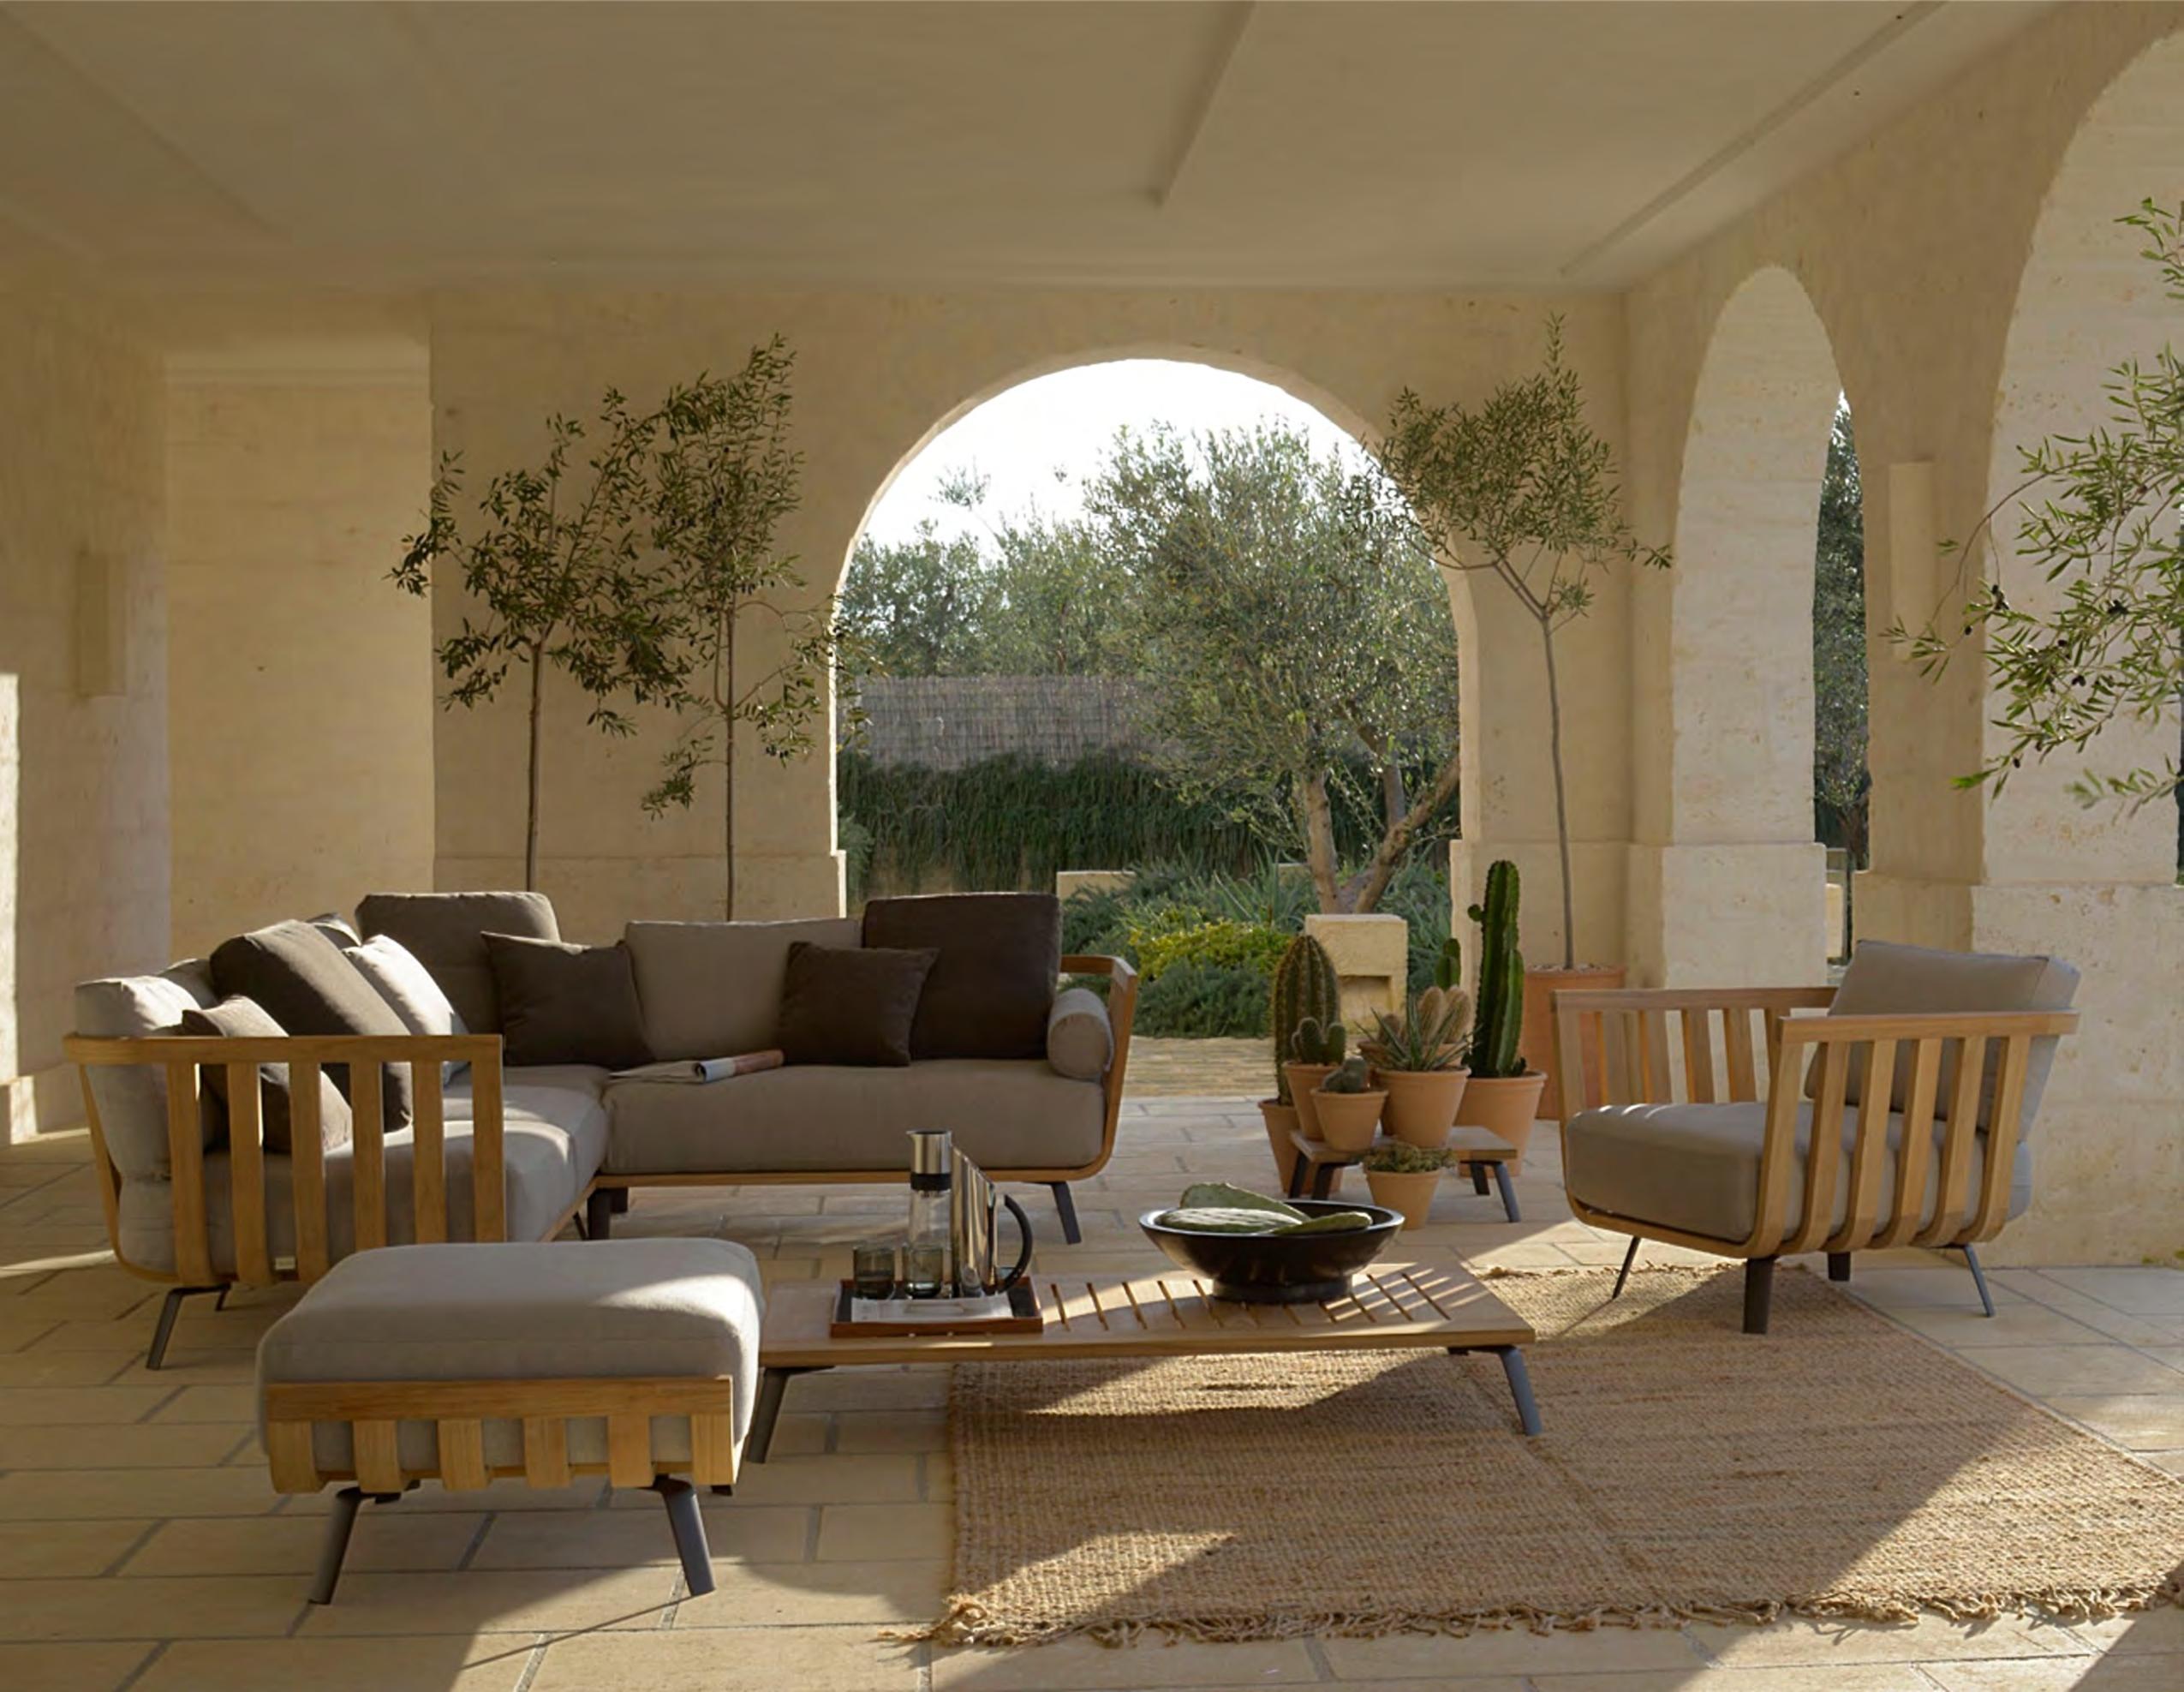 solde salon de jardin truffaut jardin piscine et cabane. Black Bedroom Furniture Sets. Home Design Ideas